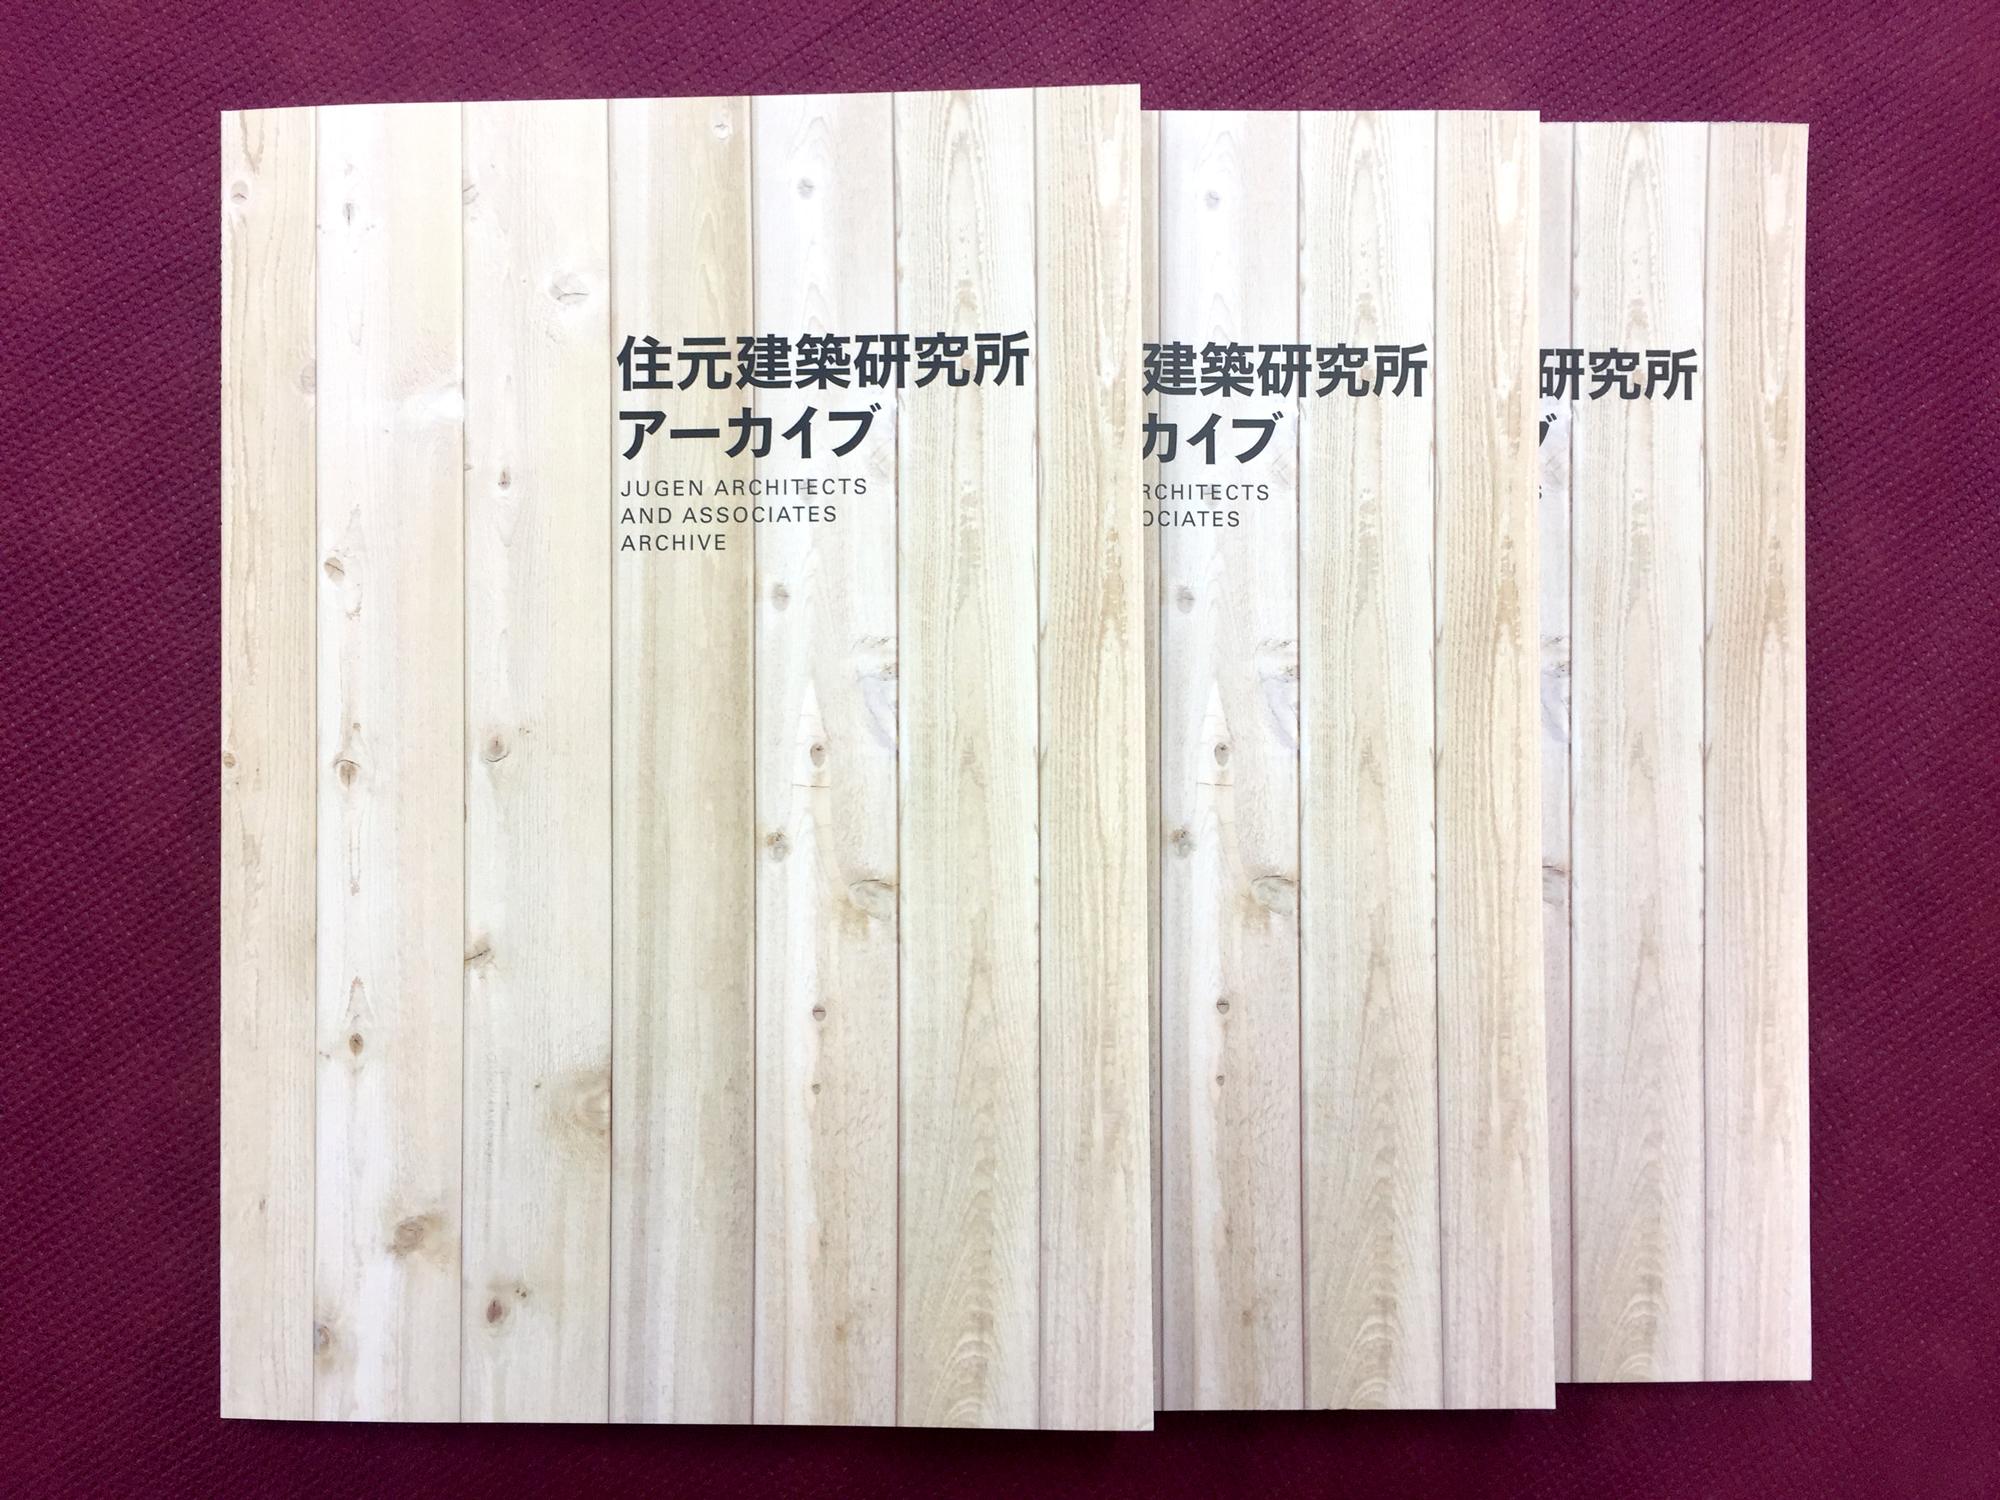 住元建築研究所アーカイブ 表紙は木材の写真をベースに